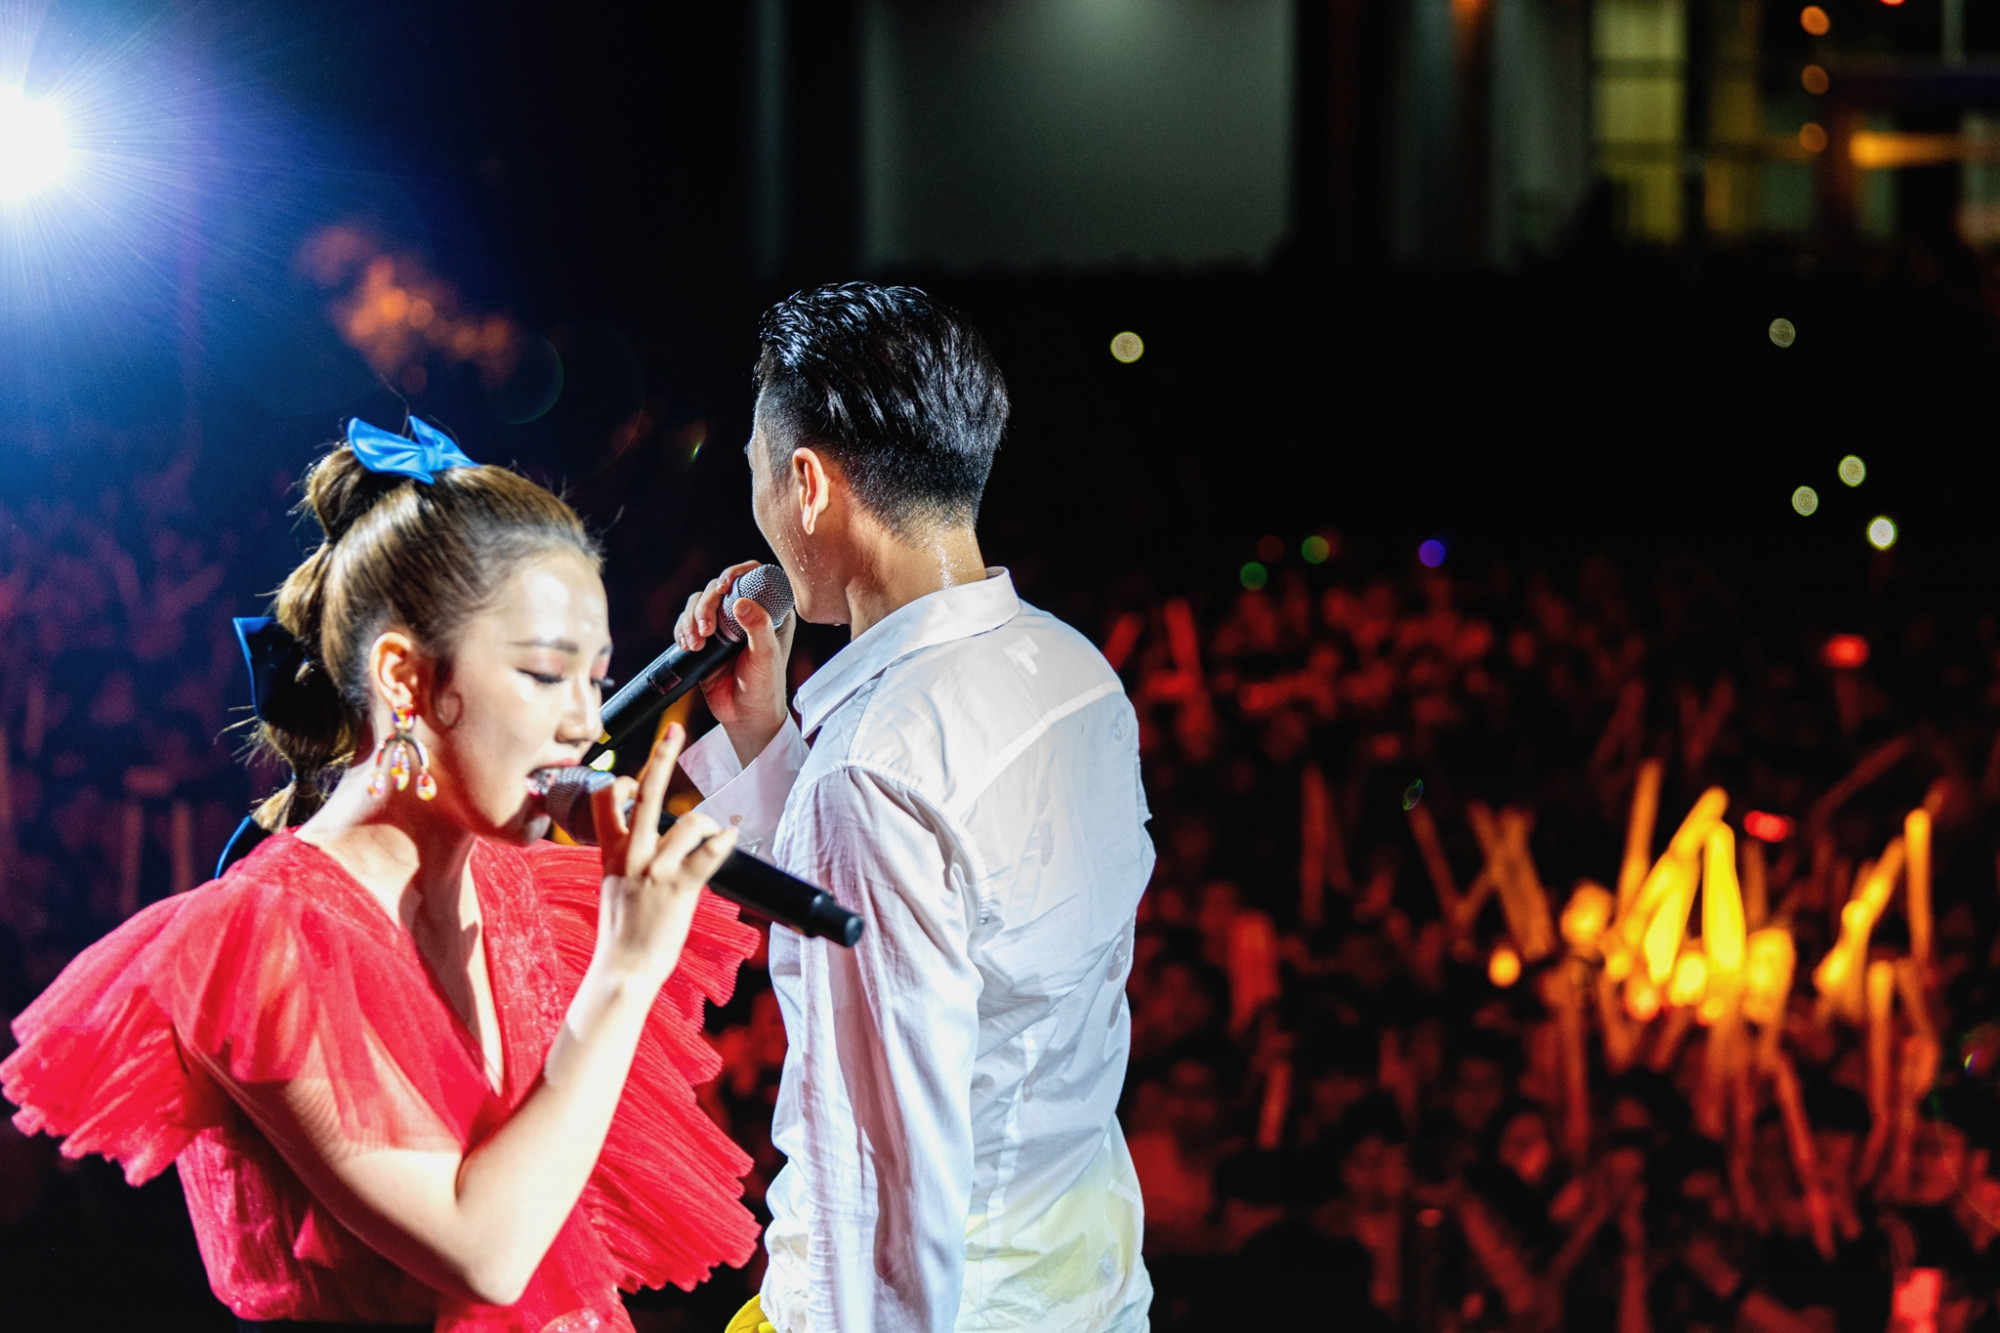 Amee tong năm qua ra mắt nhiều ca khúc được giới trẻ yêu thích